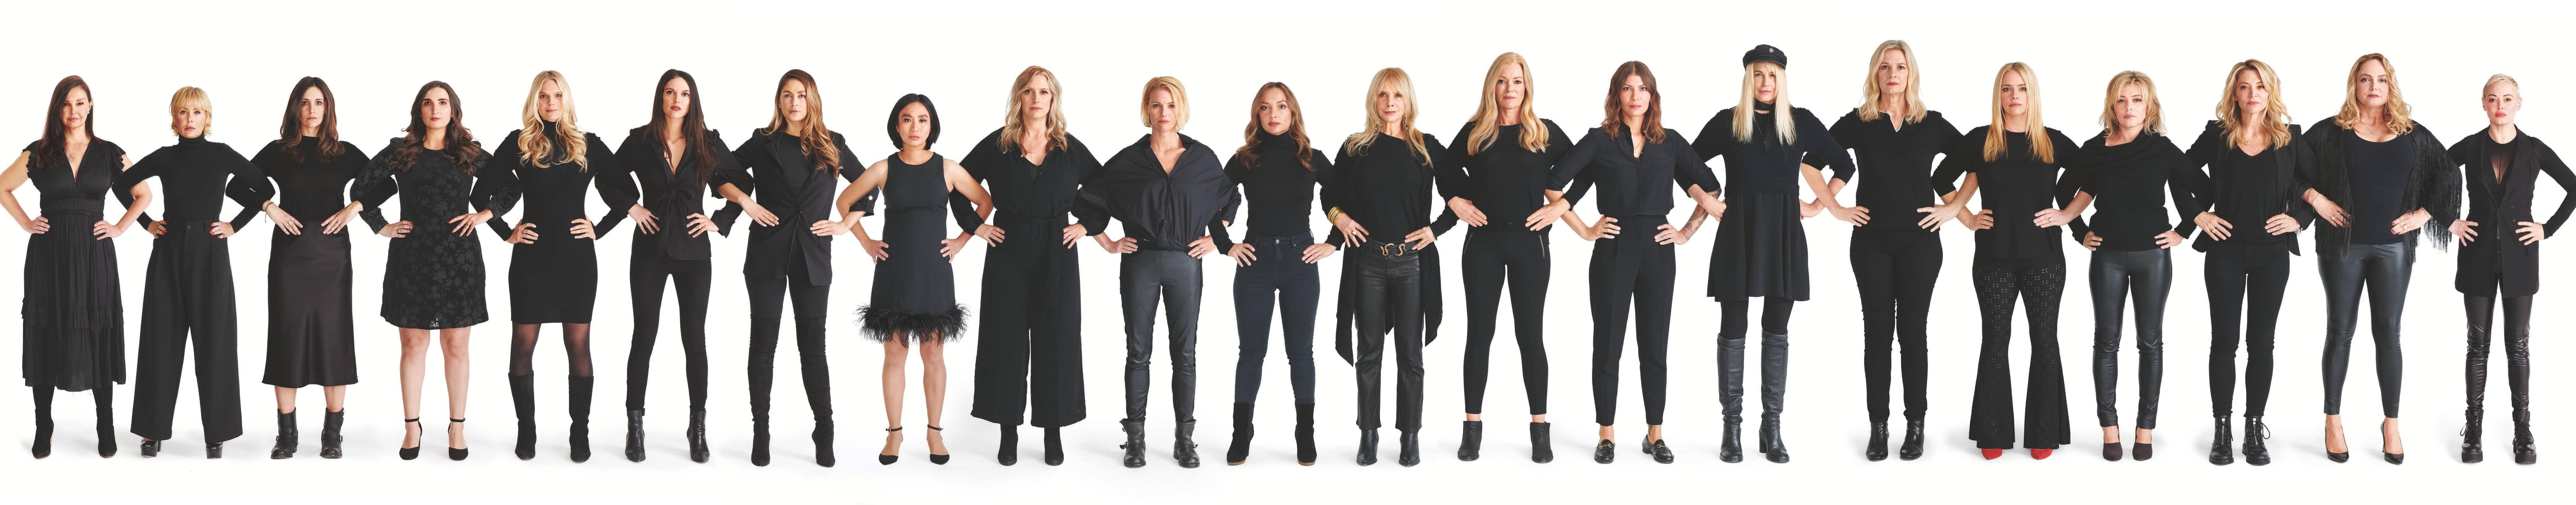 100 Women. One Trial.